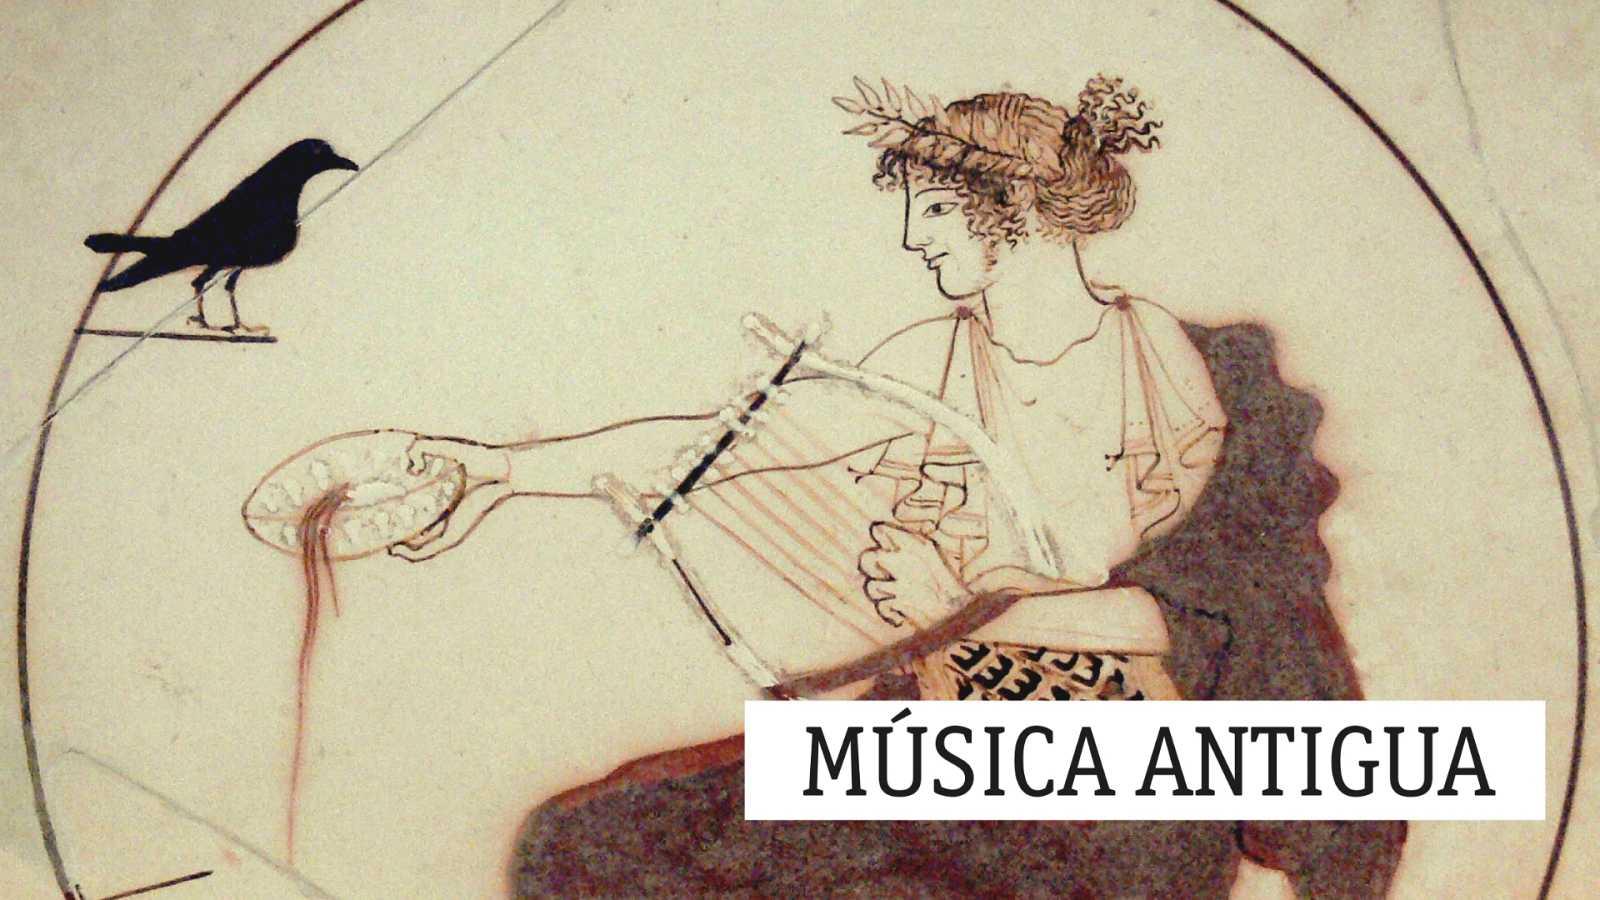 Música antigua - Babilonia - 15/12/20 - escuchar ahora